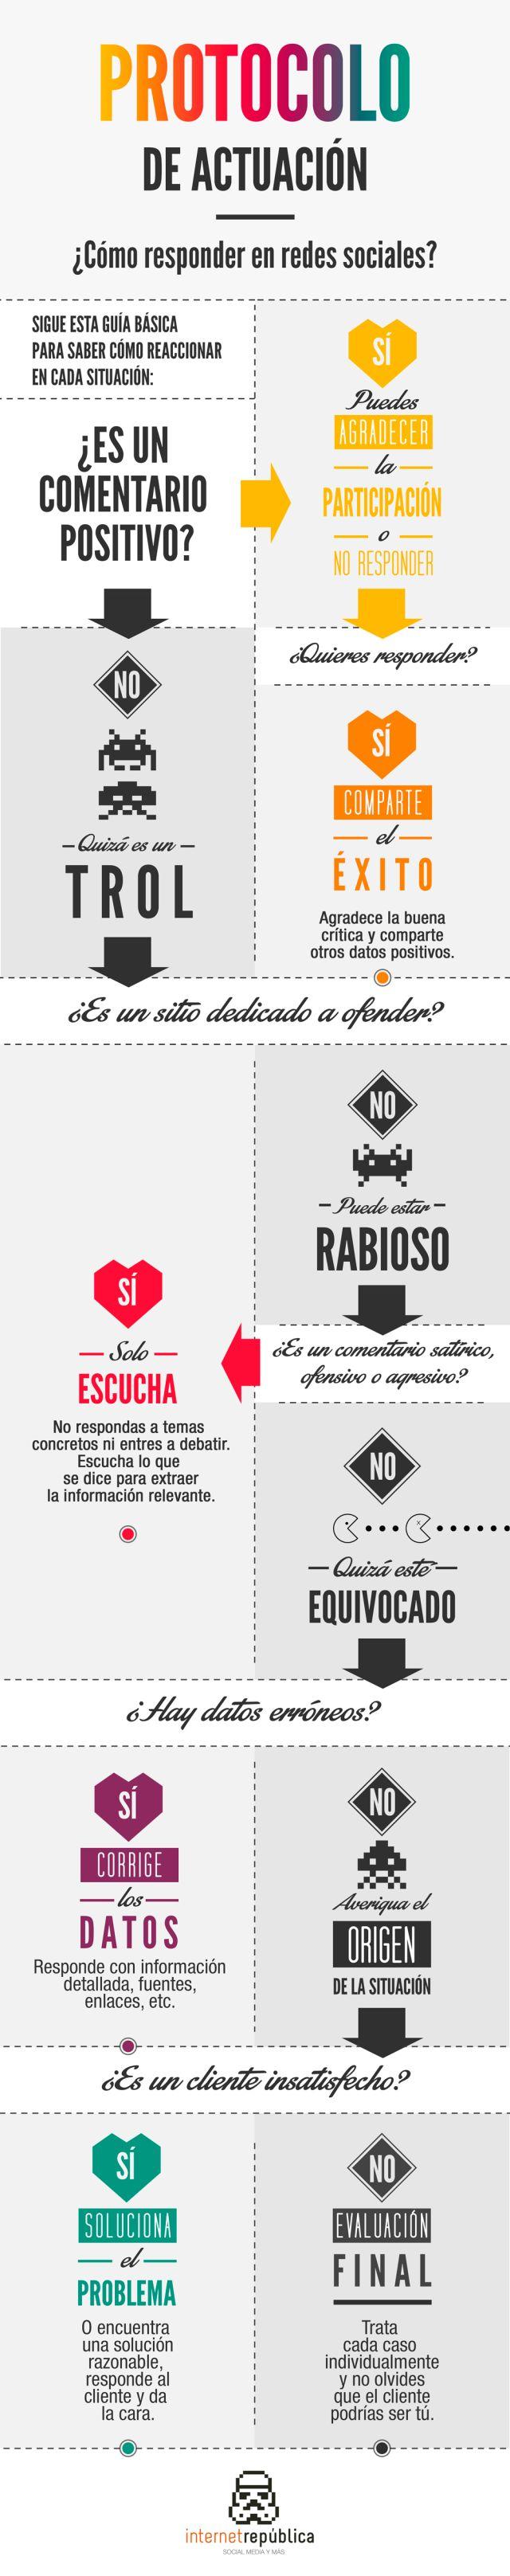 Guía básica de respuesta en redes sociales #infografia #infographic #marketing #socialmedia